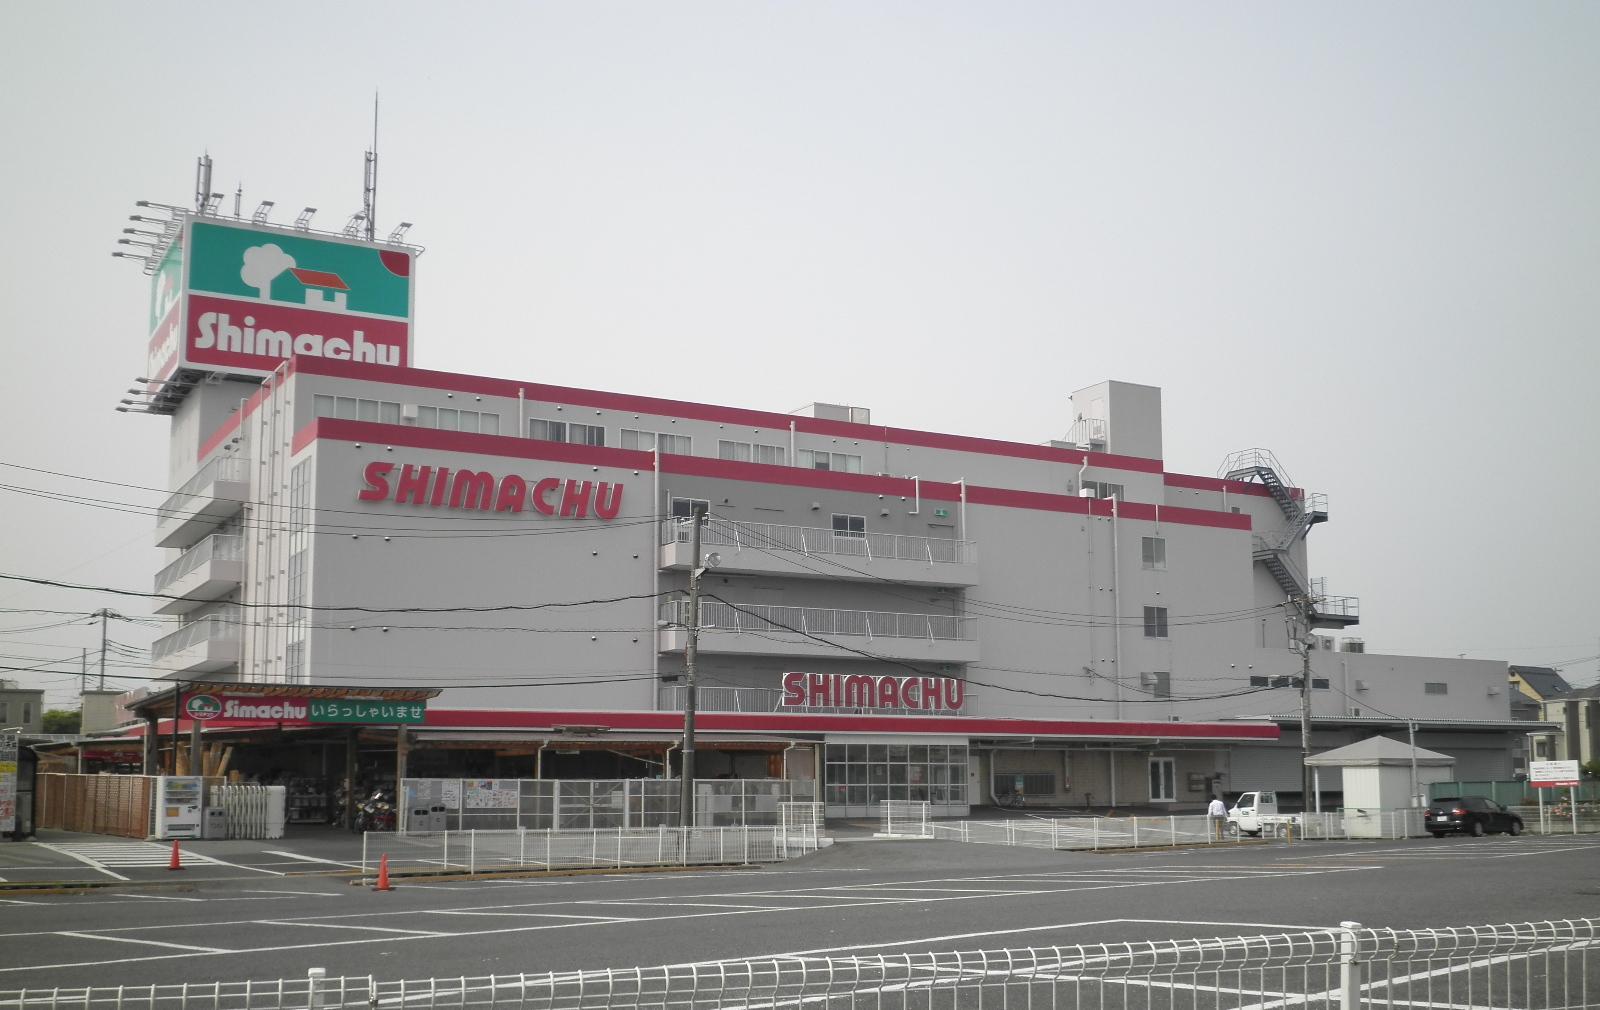 Shimachu co.,ltd headquarters and shop